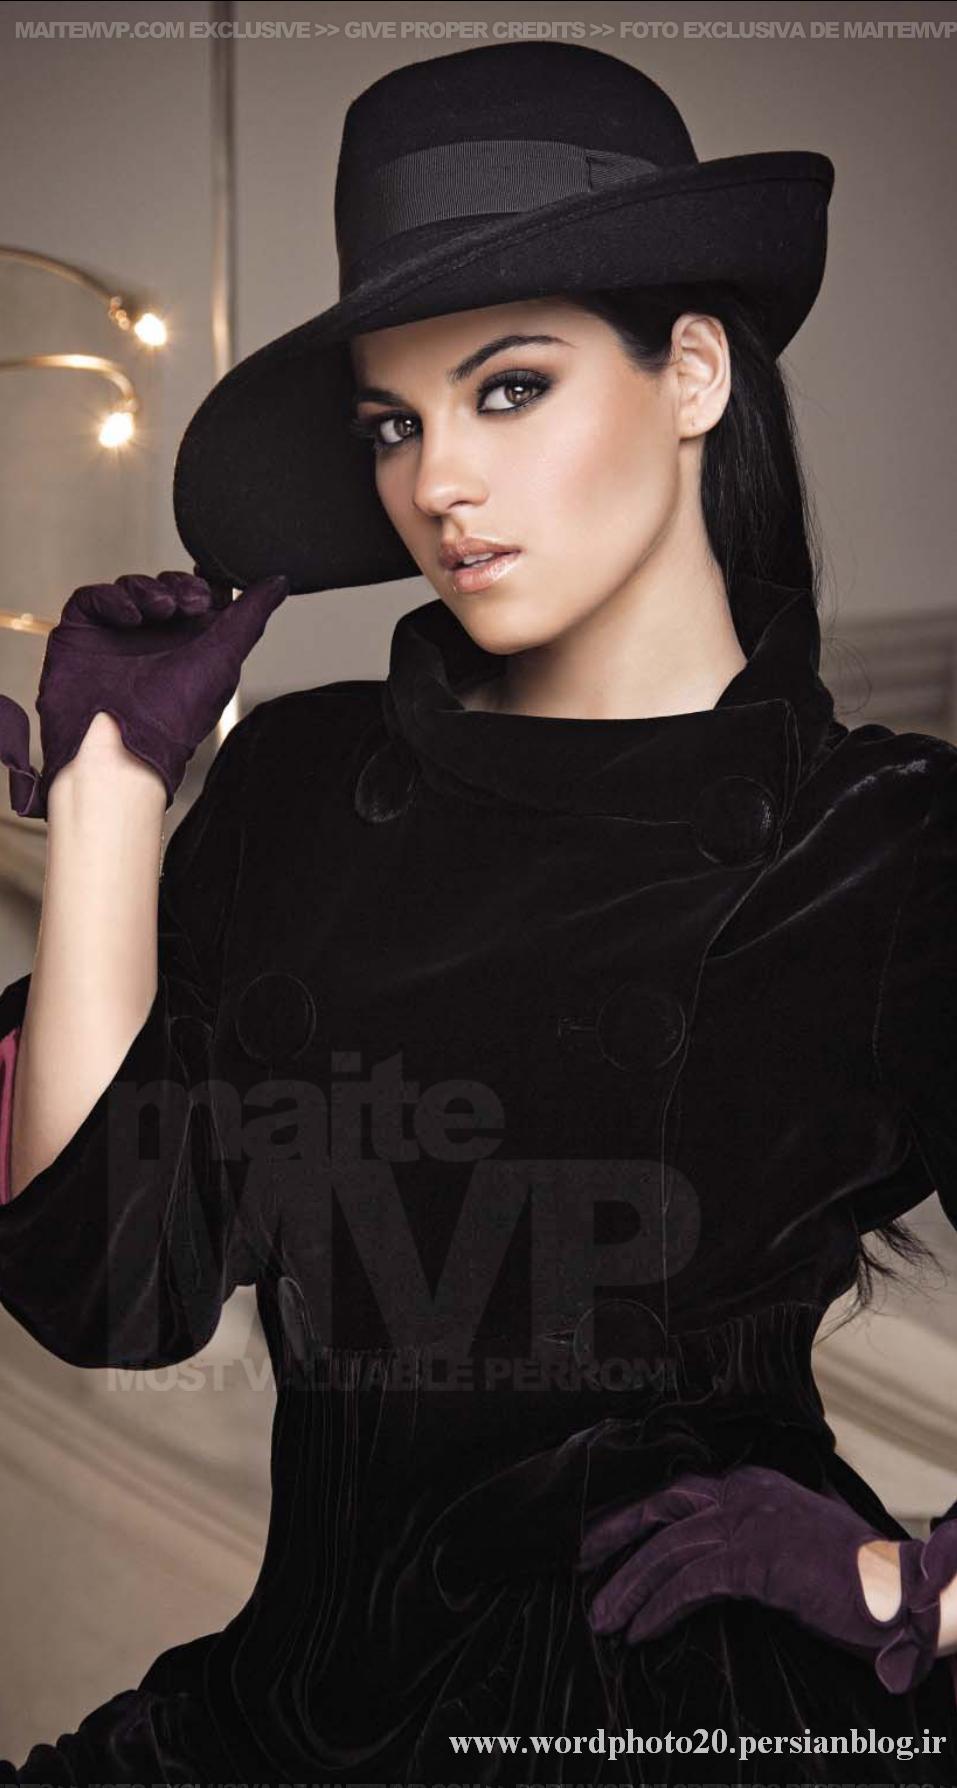 عکسهای فوق العاده ازمایته (ماریچی) بازیگر سریال تقدیر یک فرشته